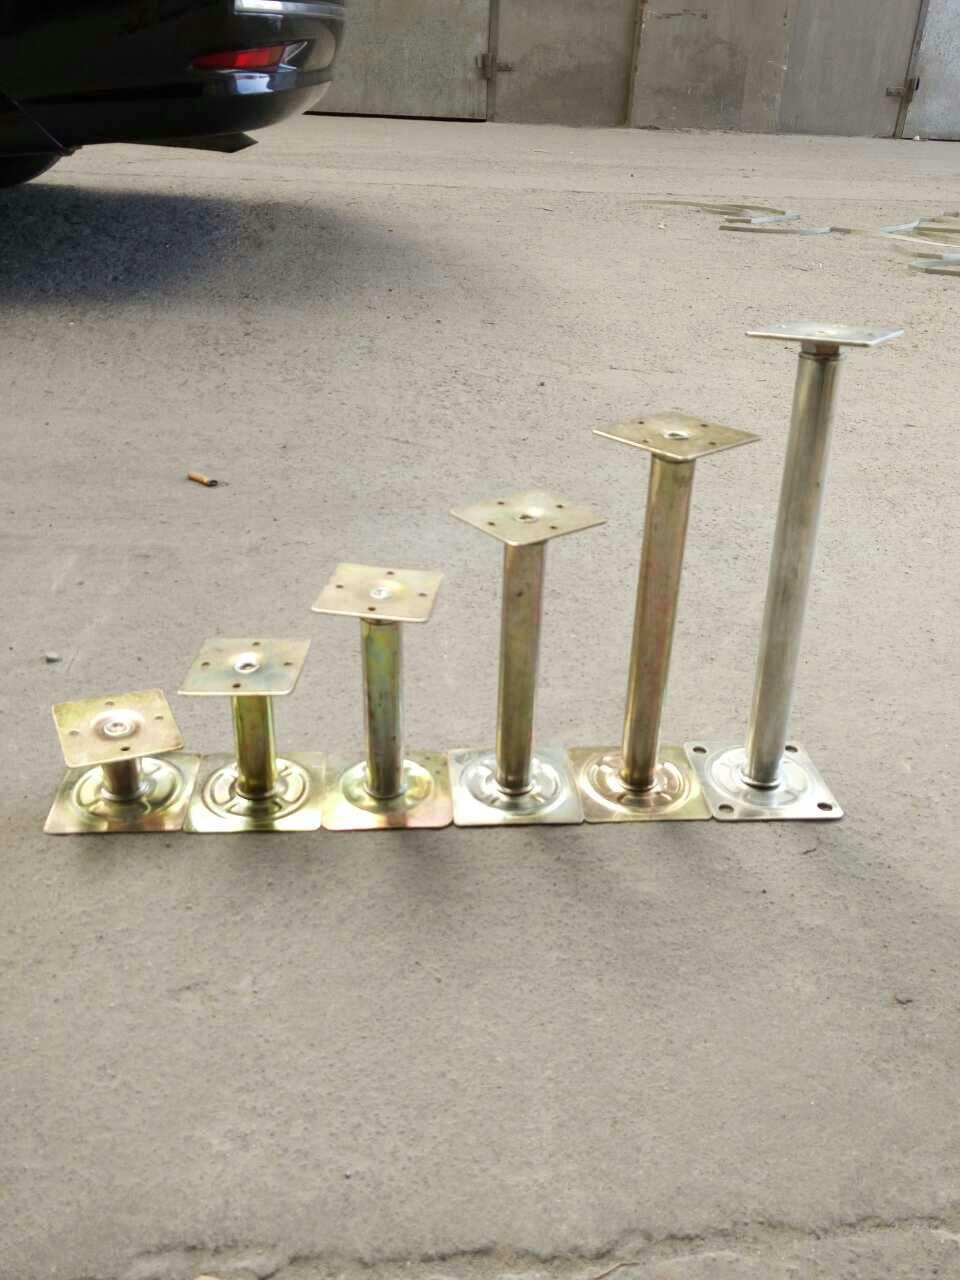 沈阳高质量静电地板沈阳优质静电地板厂家批发